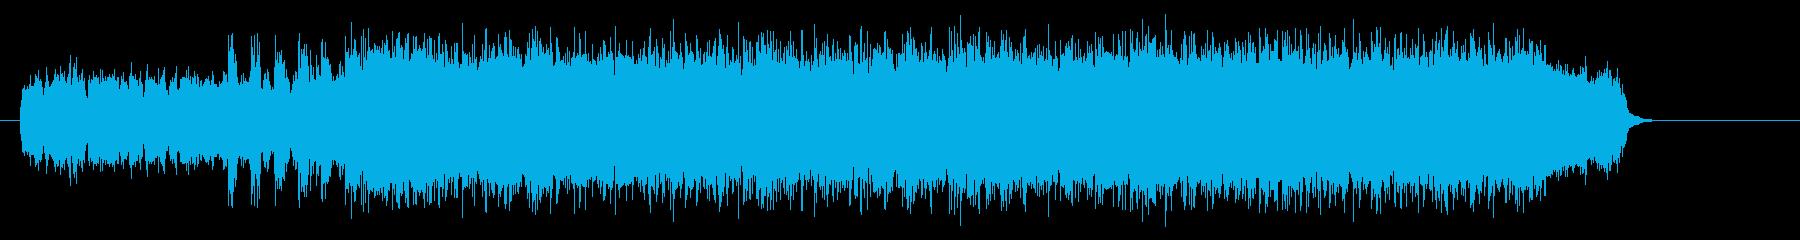 ハイボルテージのコンプリートハードロックの再生済みの波形